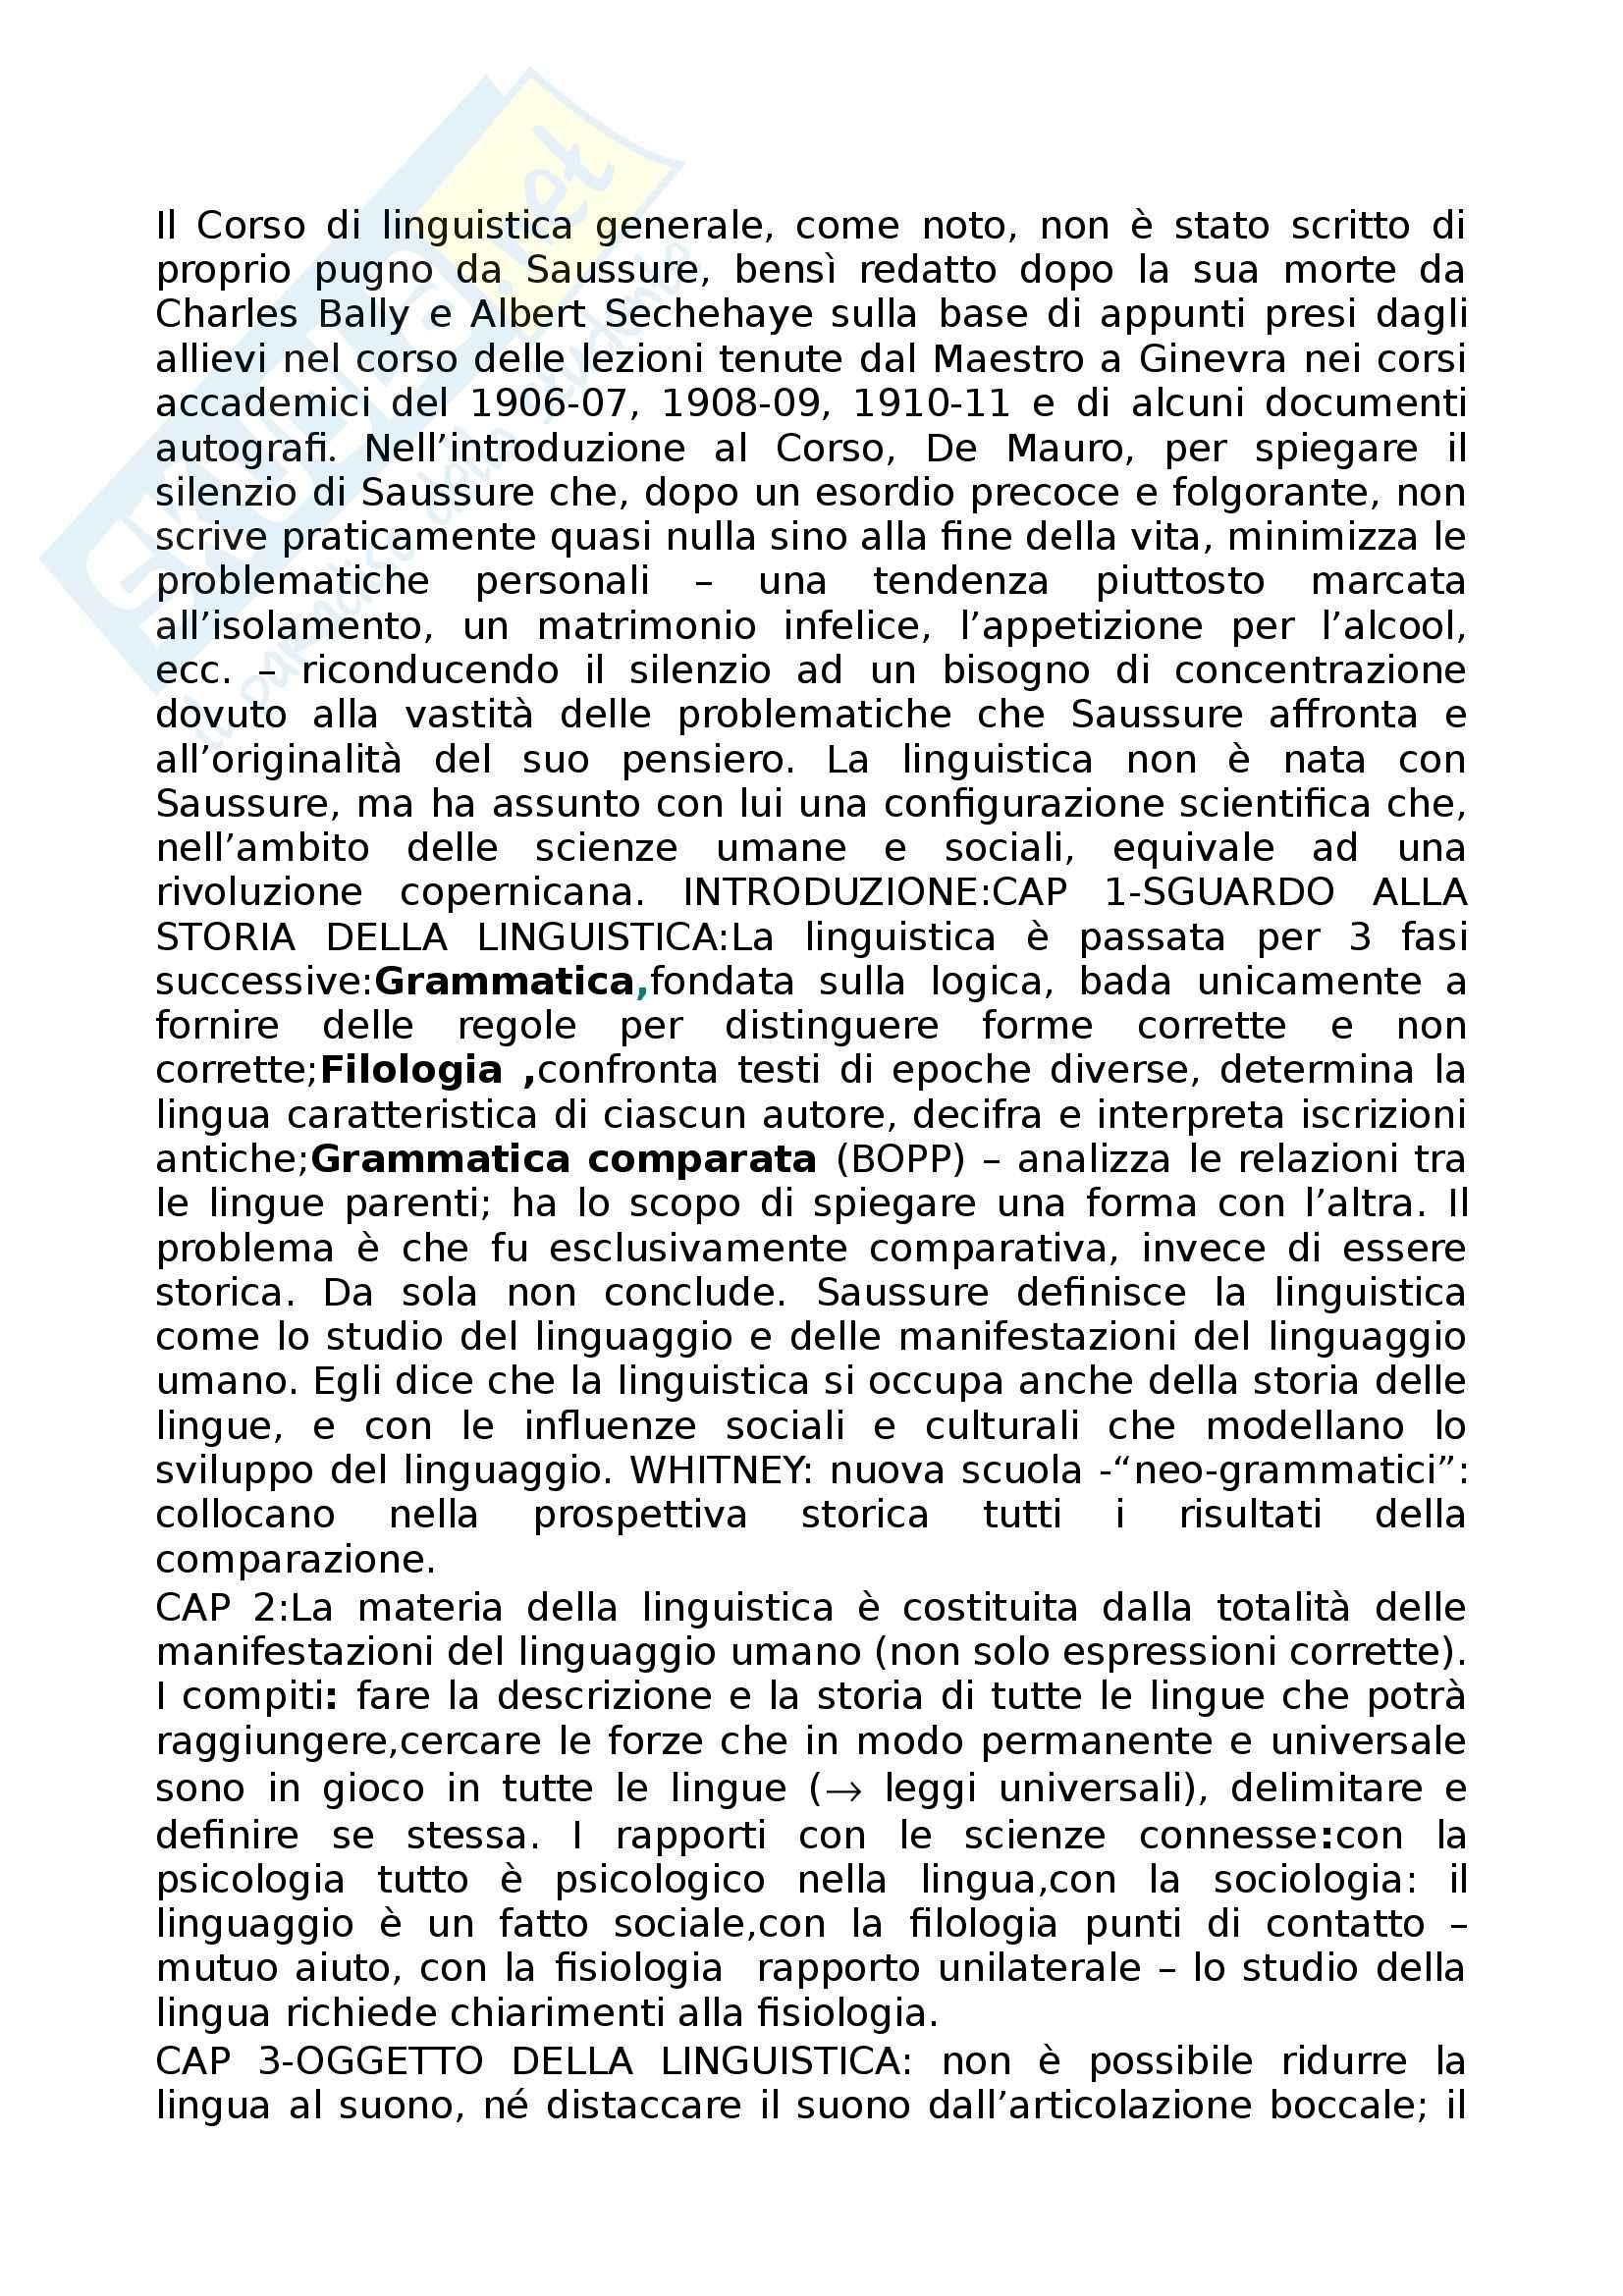 Riassunto esame Linguistica Generale, prof. Assenza, libro consigliato Corso di linguistica generale, de Saussure